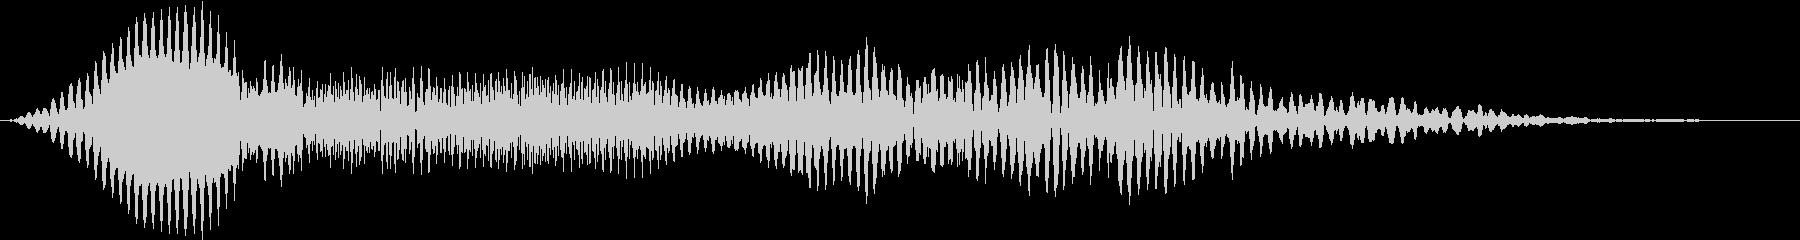 【生録音】カーッというカラスの鳴き声の未再生の波形